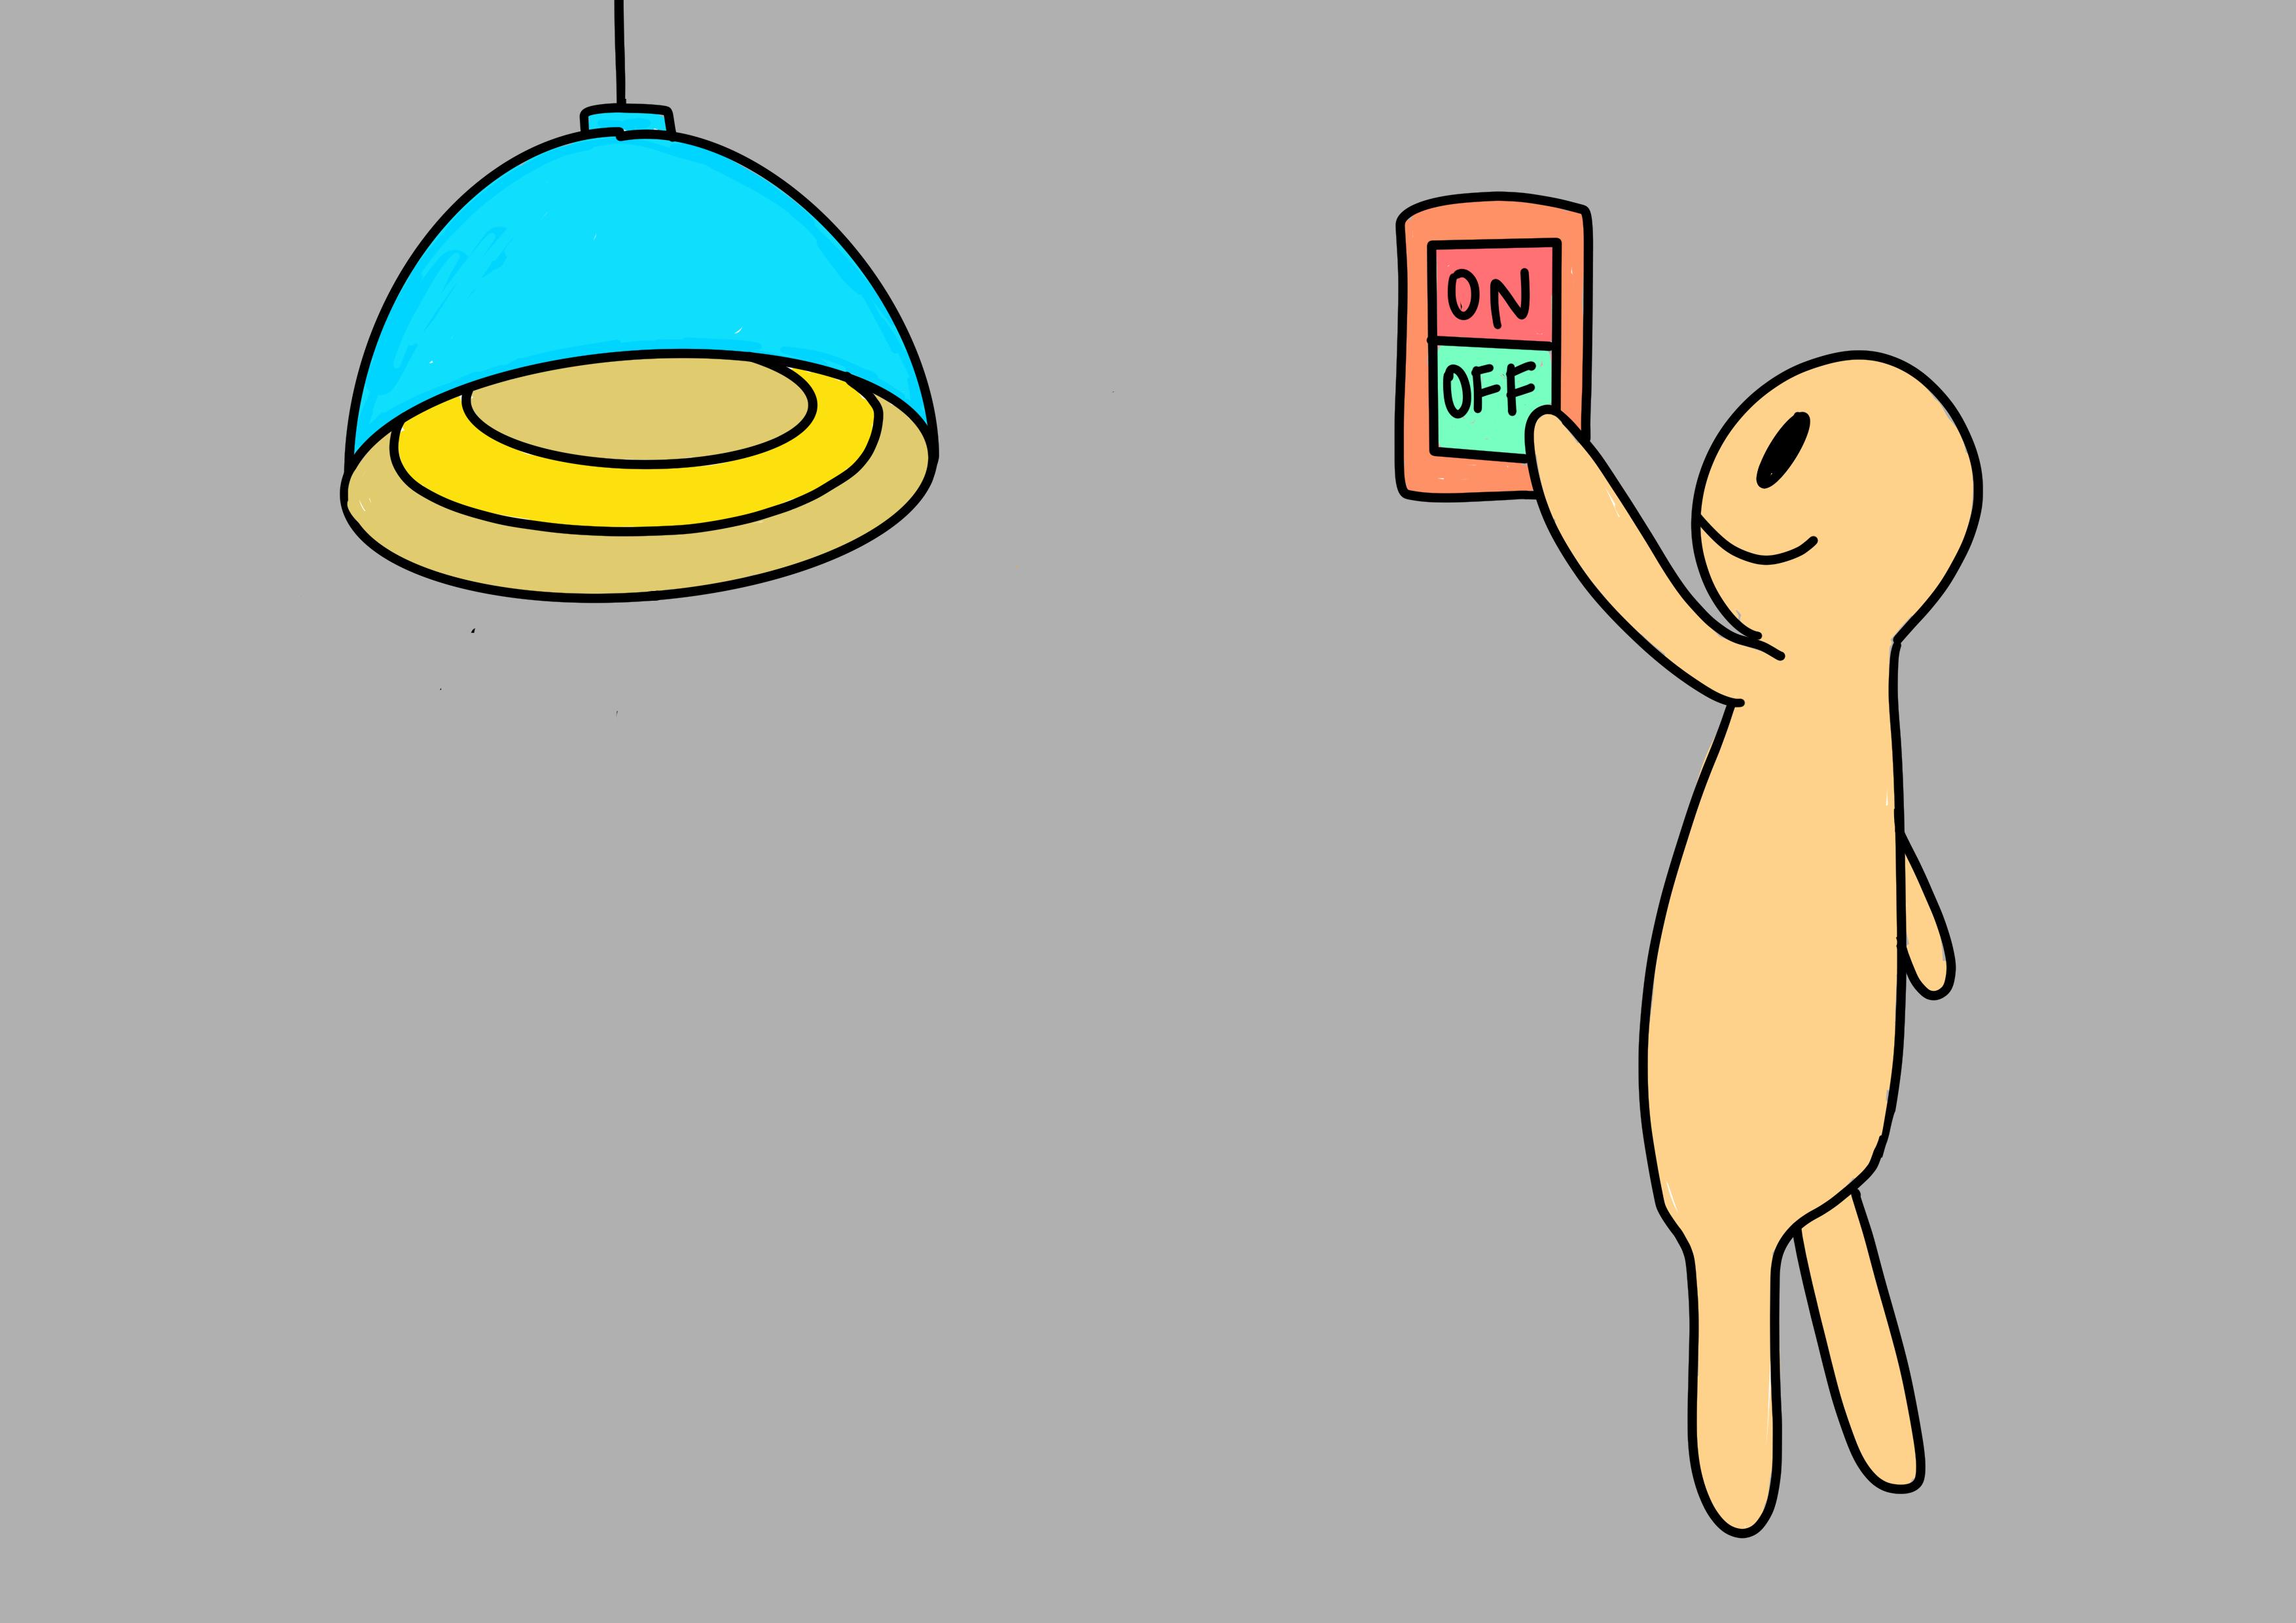 29課イラスト【電気を消す】